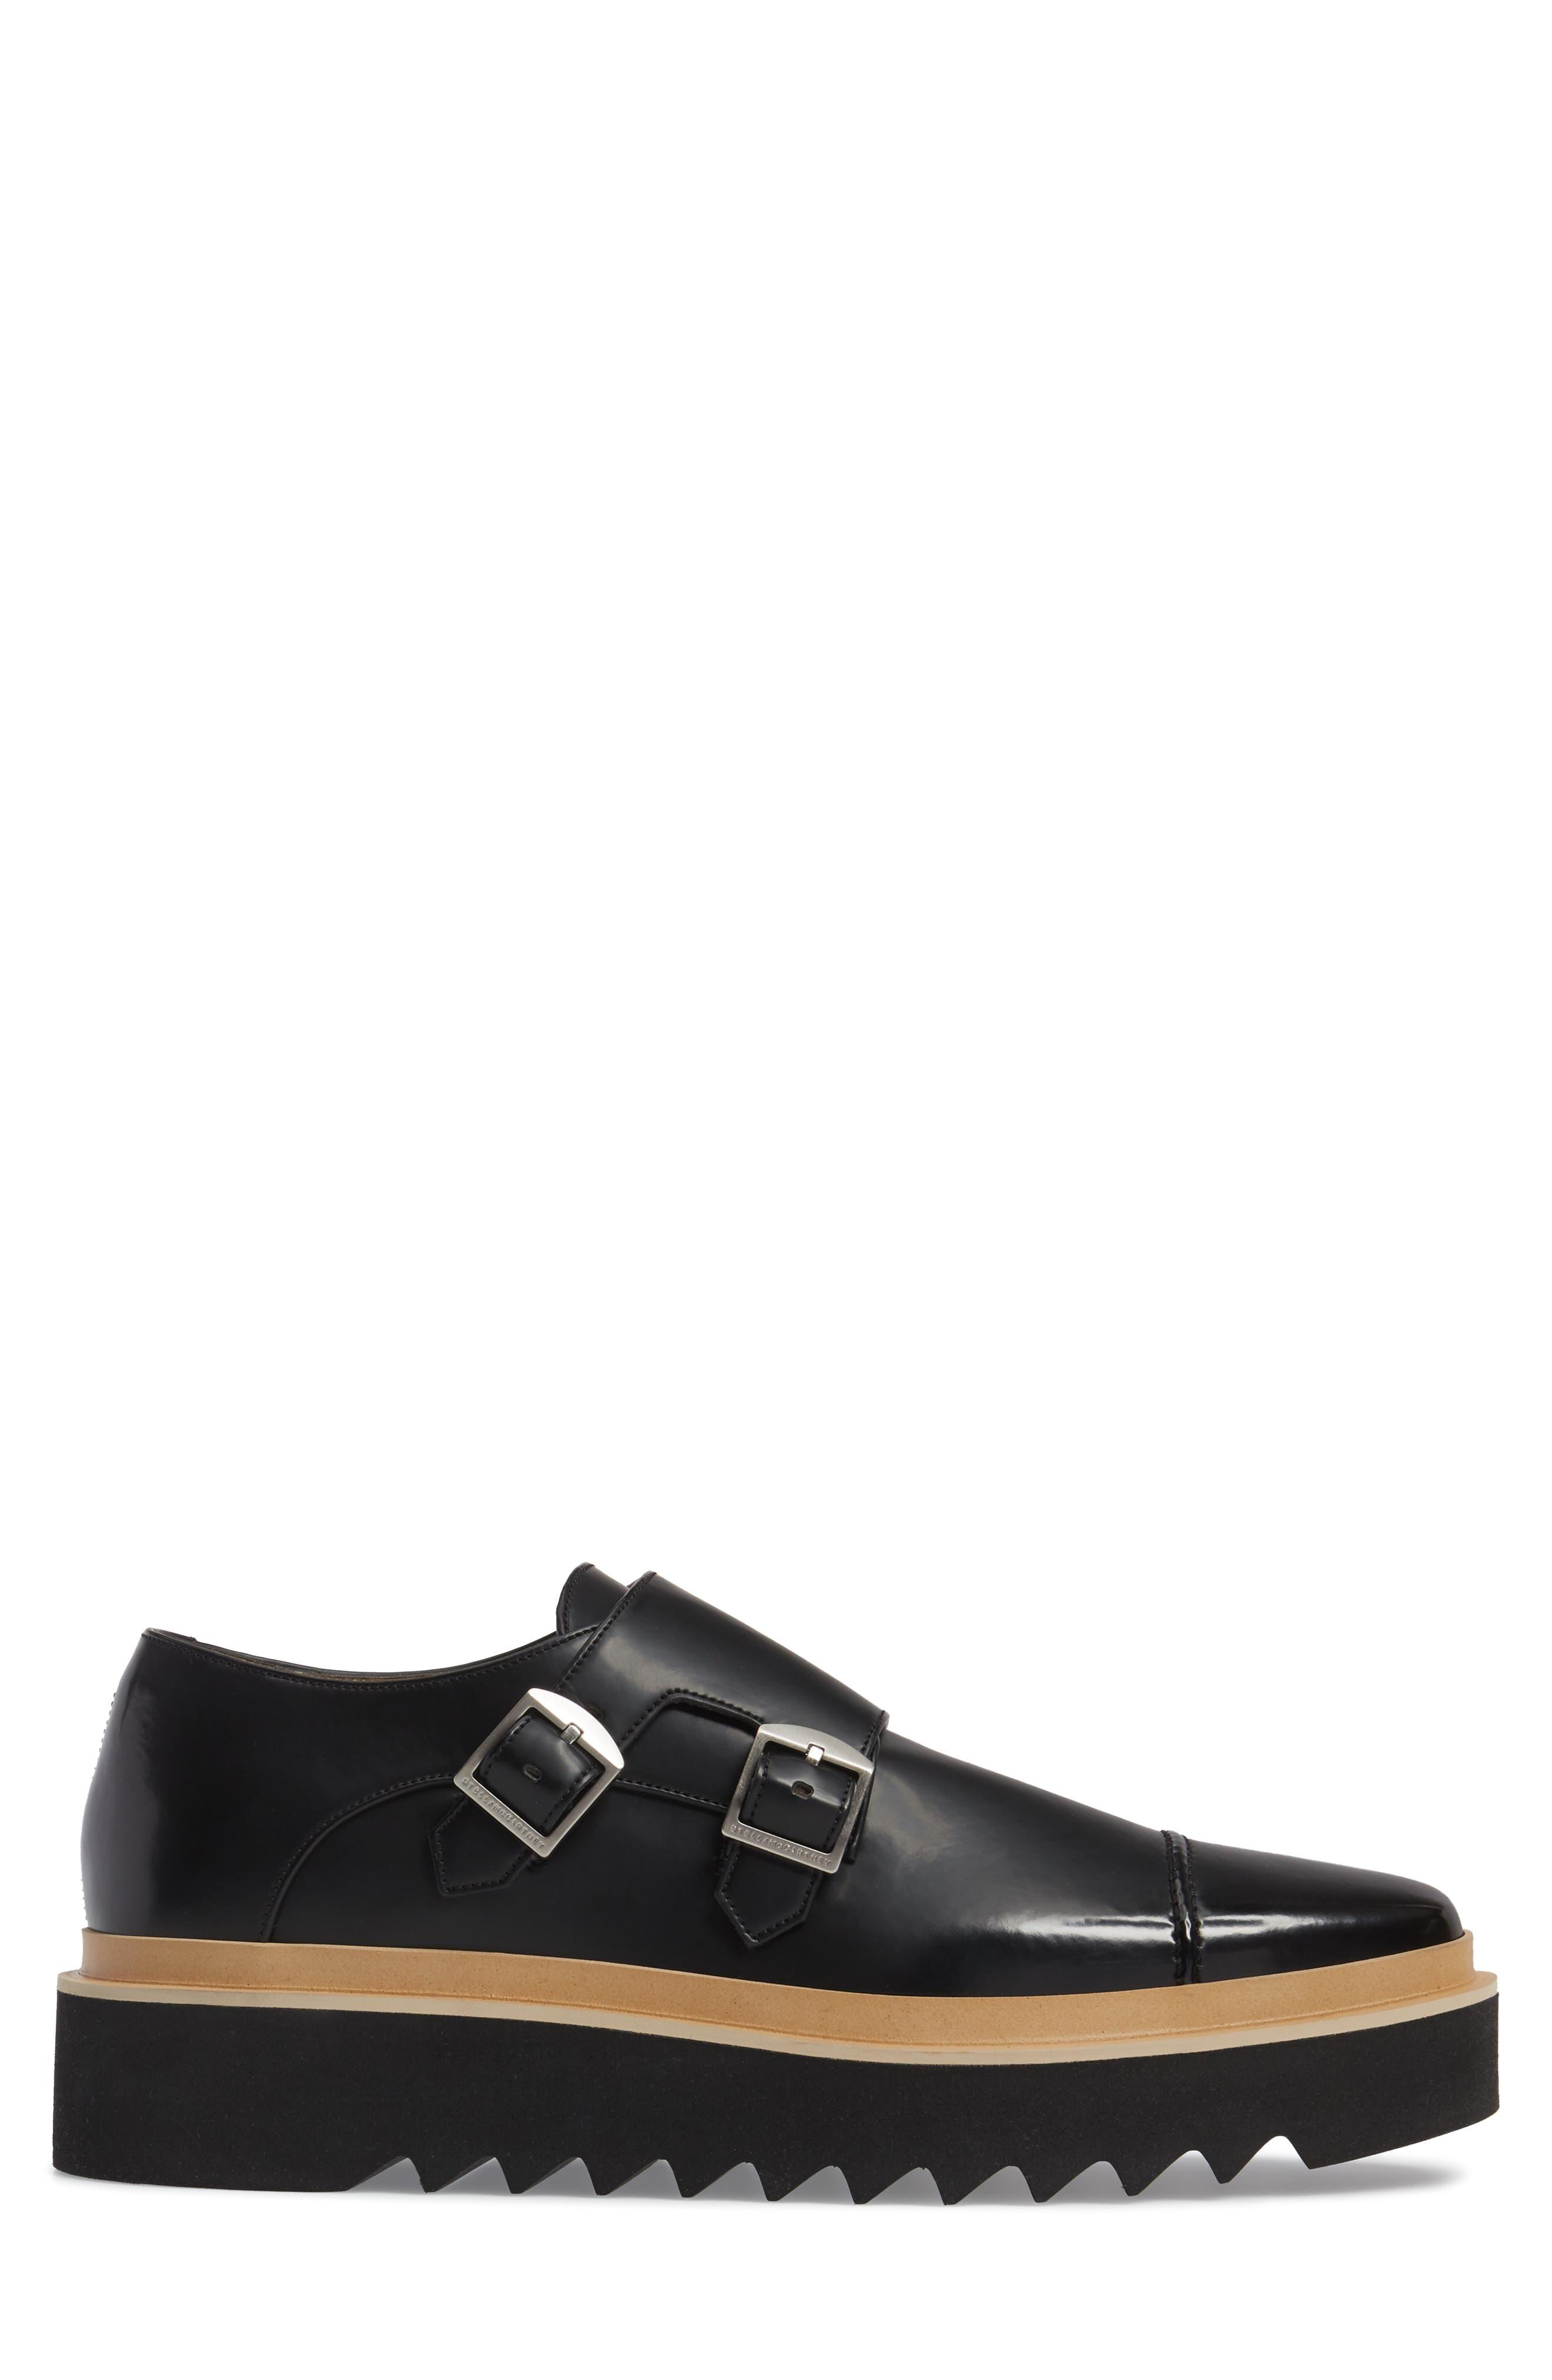 Peter Platform Monk Shoe,                             Alternate thumbnail 3, color,                             001